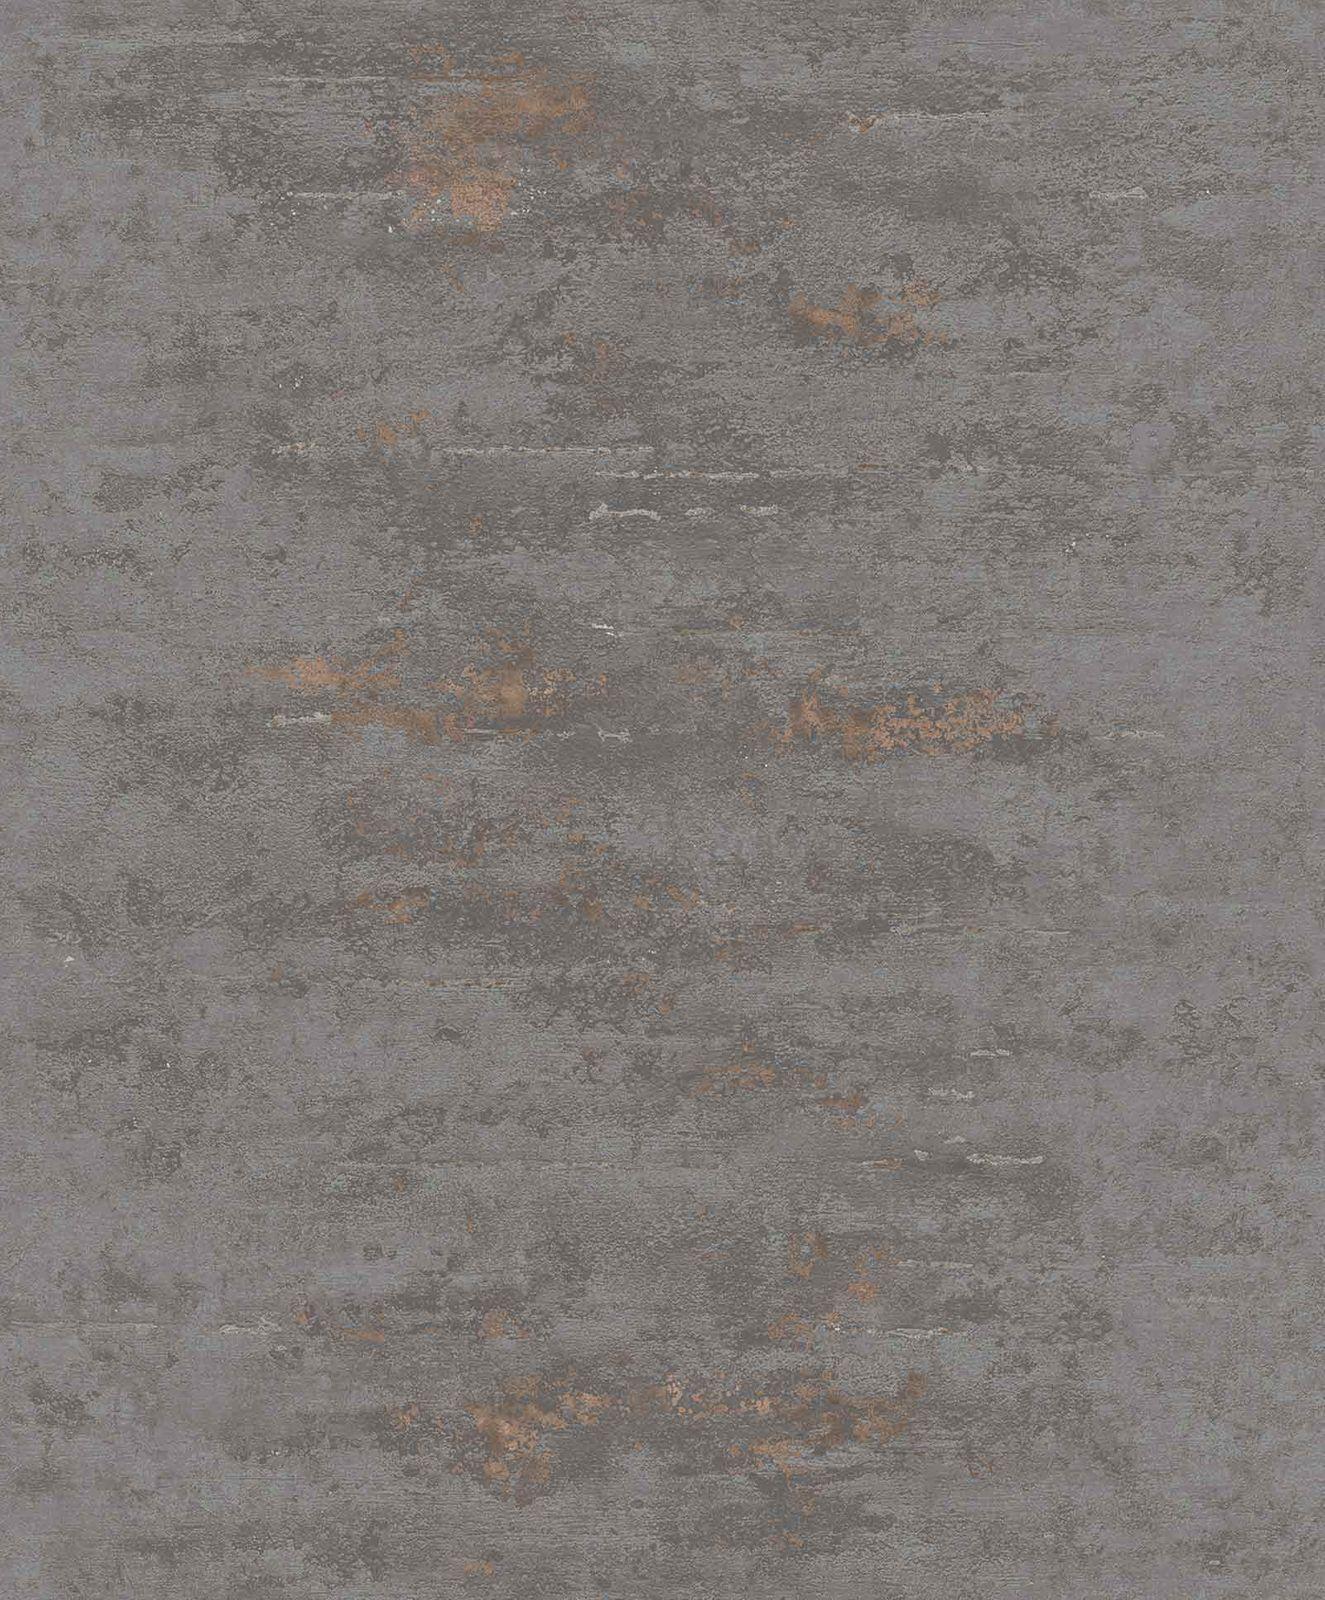 Full Size of Tapete Betonoptik Vlies Beton Used Dunkelgrau Kupfer Metallic On4201 Tapeten Schlafzimmer Bad Küche Fototapeten Wohnzimmer Fototapete Fenster Für Die Modern Wohnzimmer Tapete Betonoptik